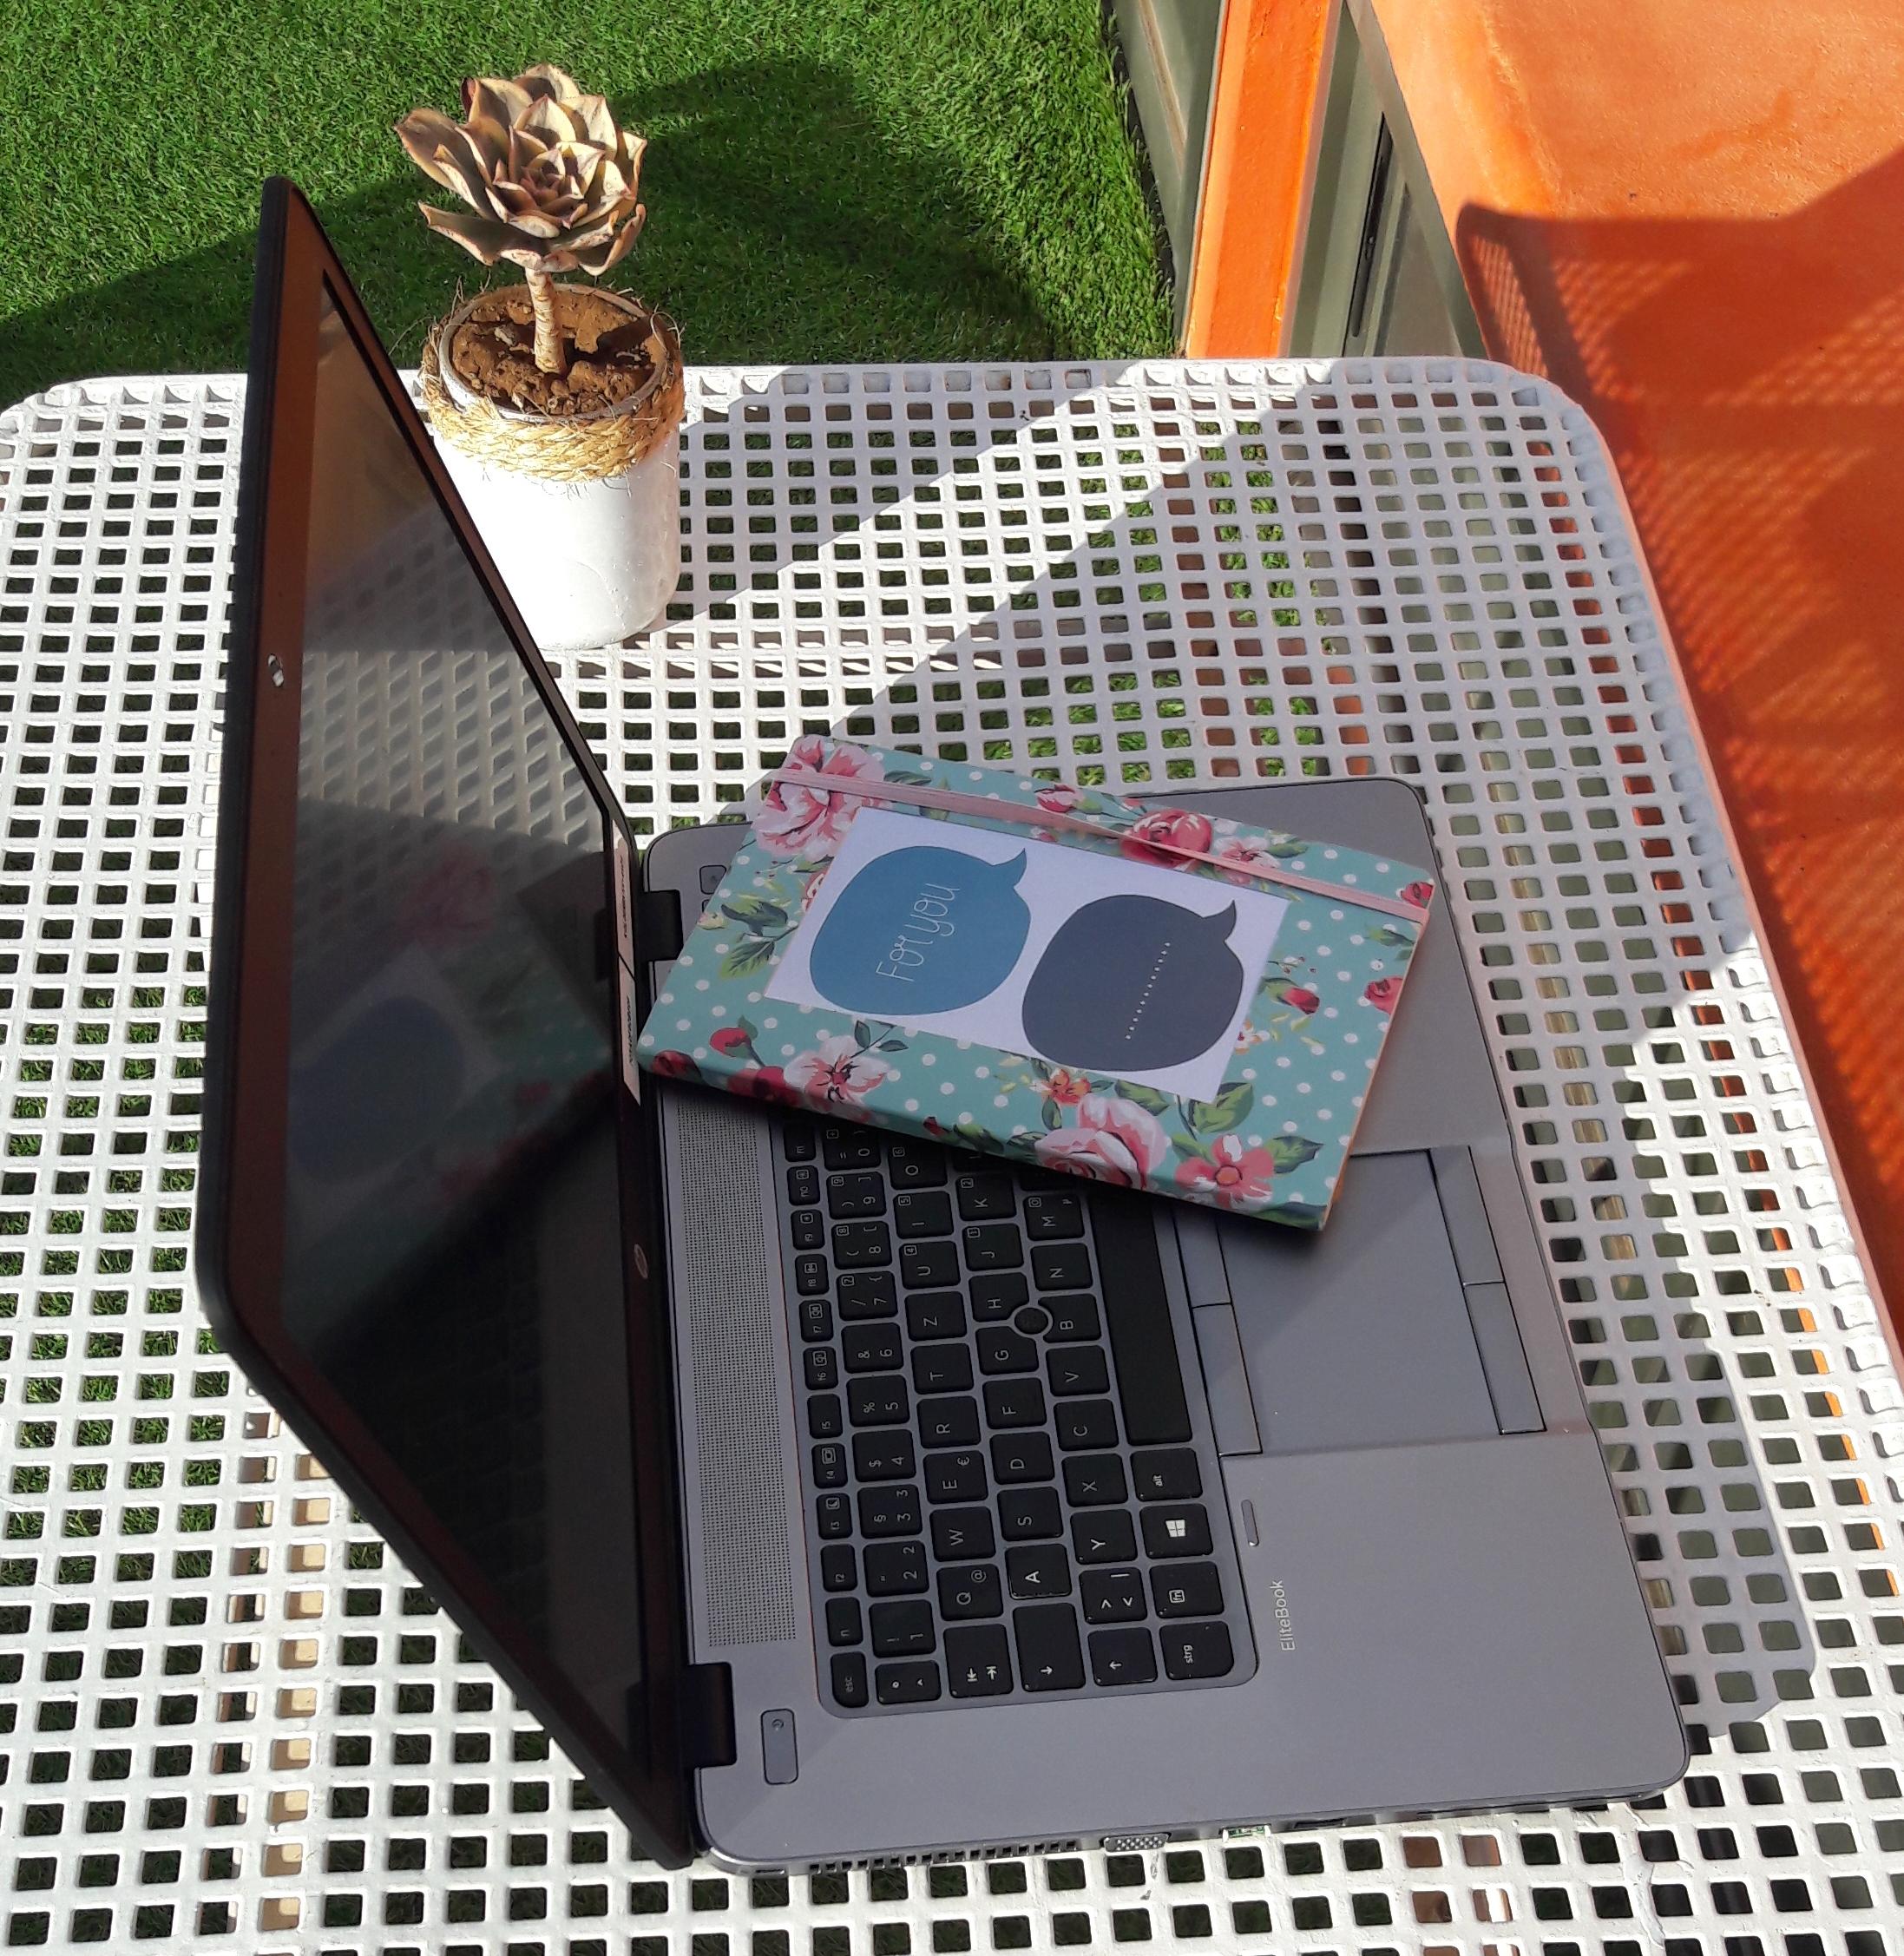 Der digitale Nomade kann arbeiten wo er will - er braucht nur einen Tisch, seinen Computer und gutes Internet.